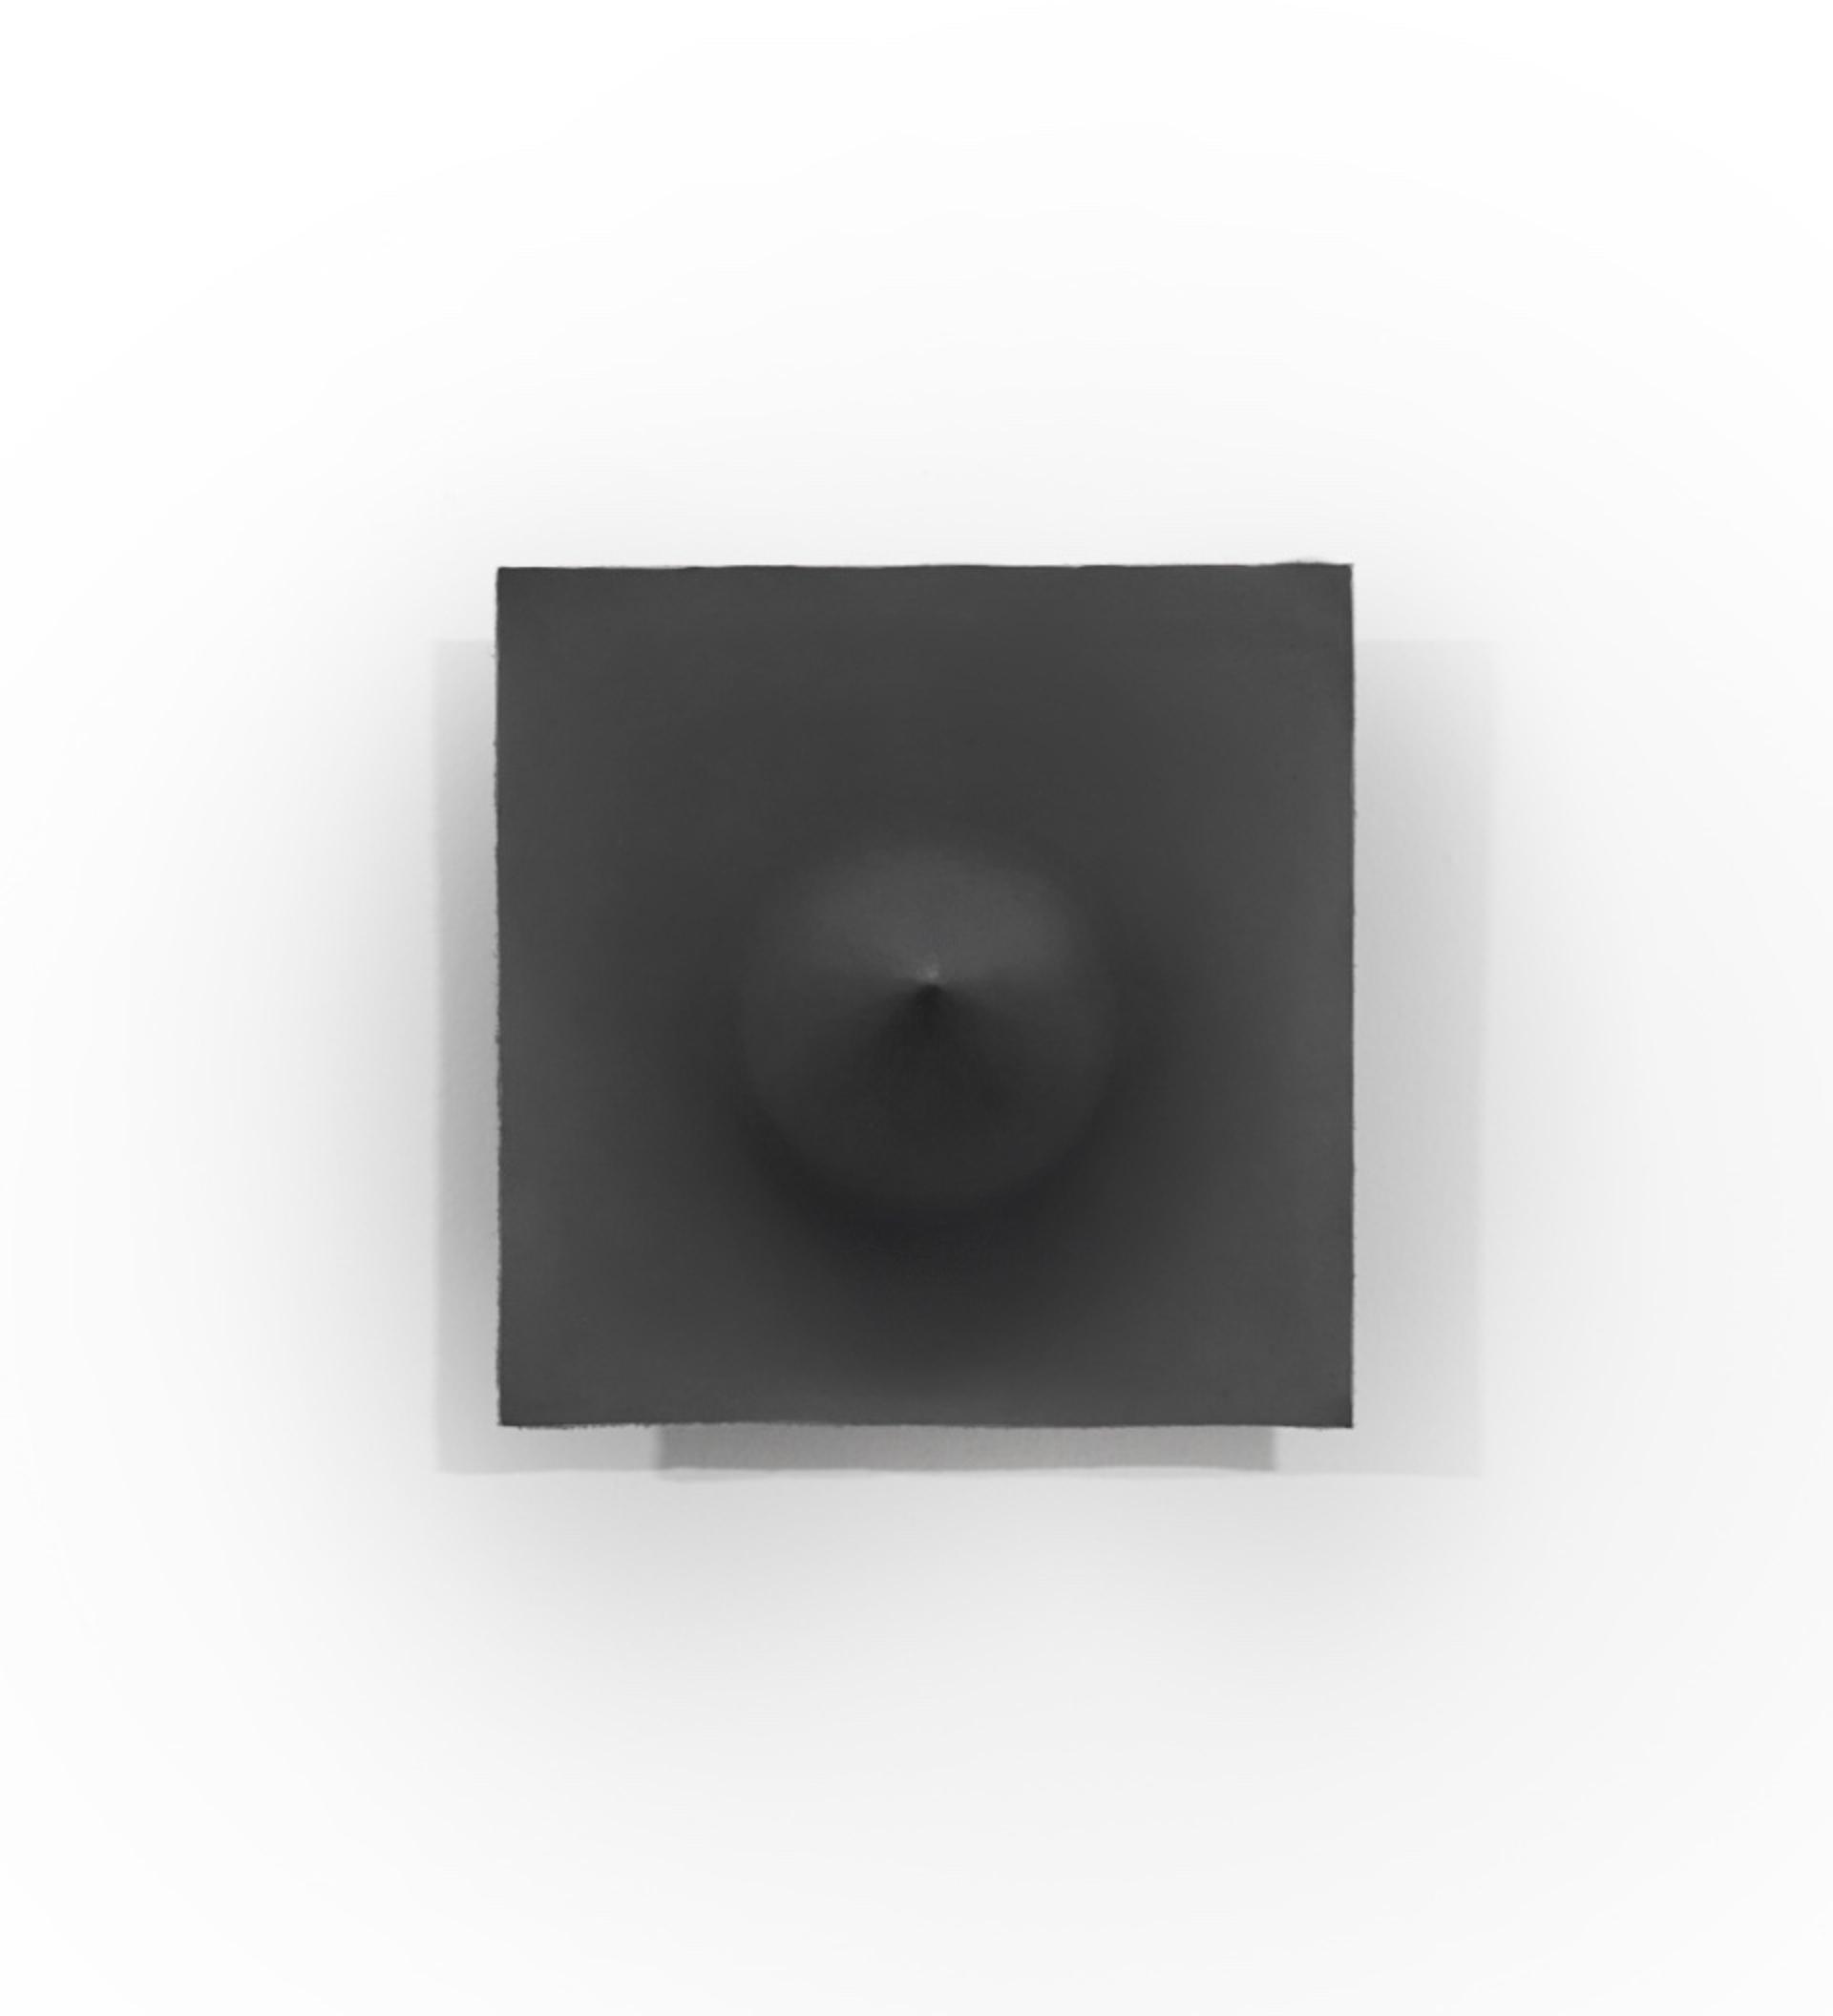 Cone Illusion by Oda